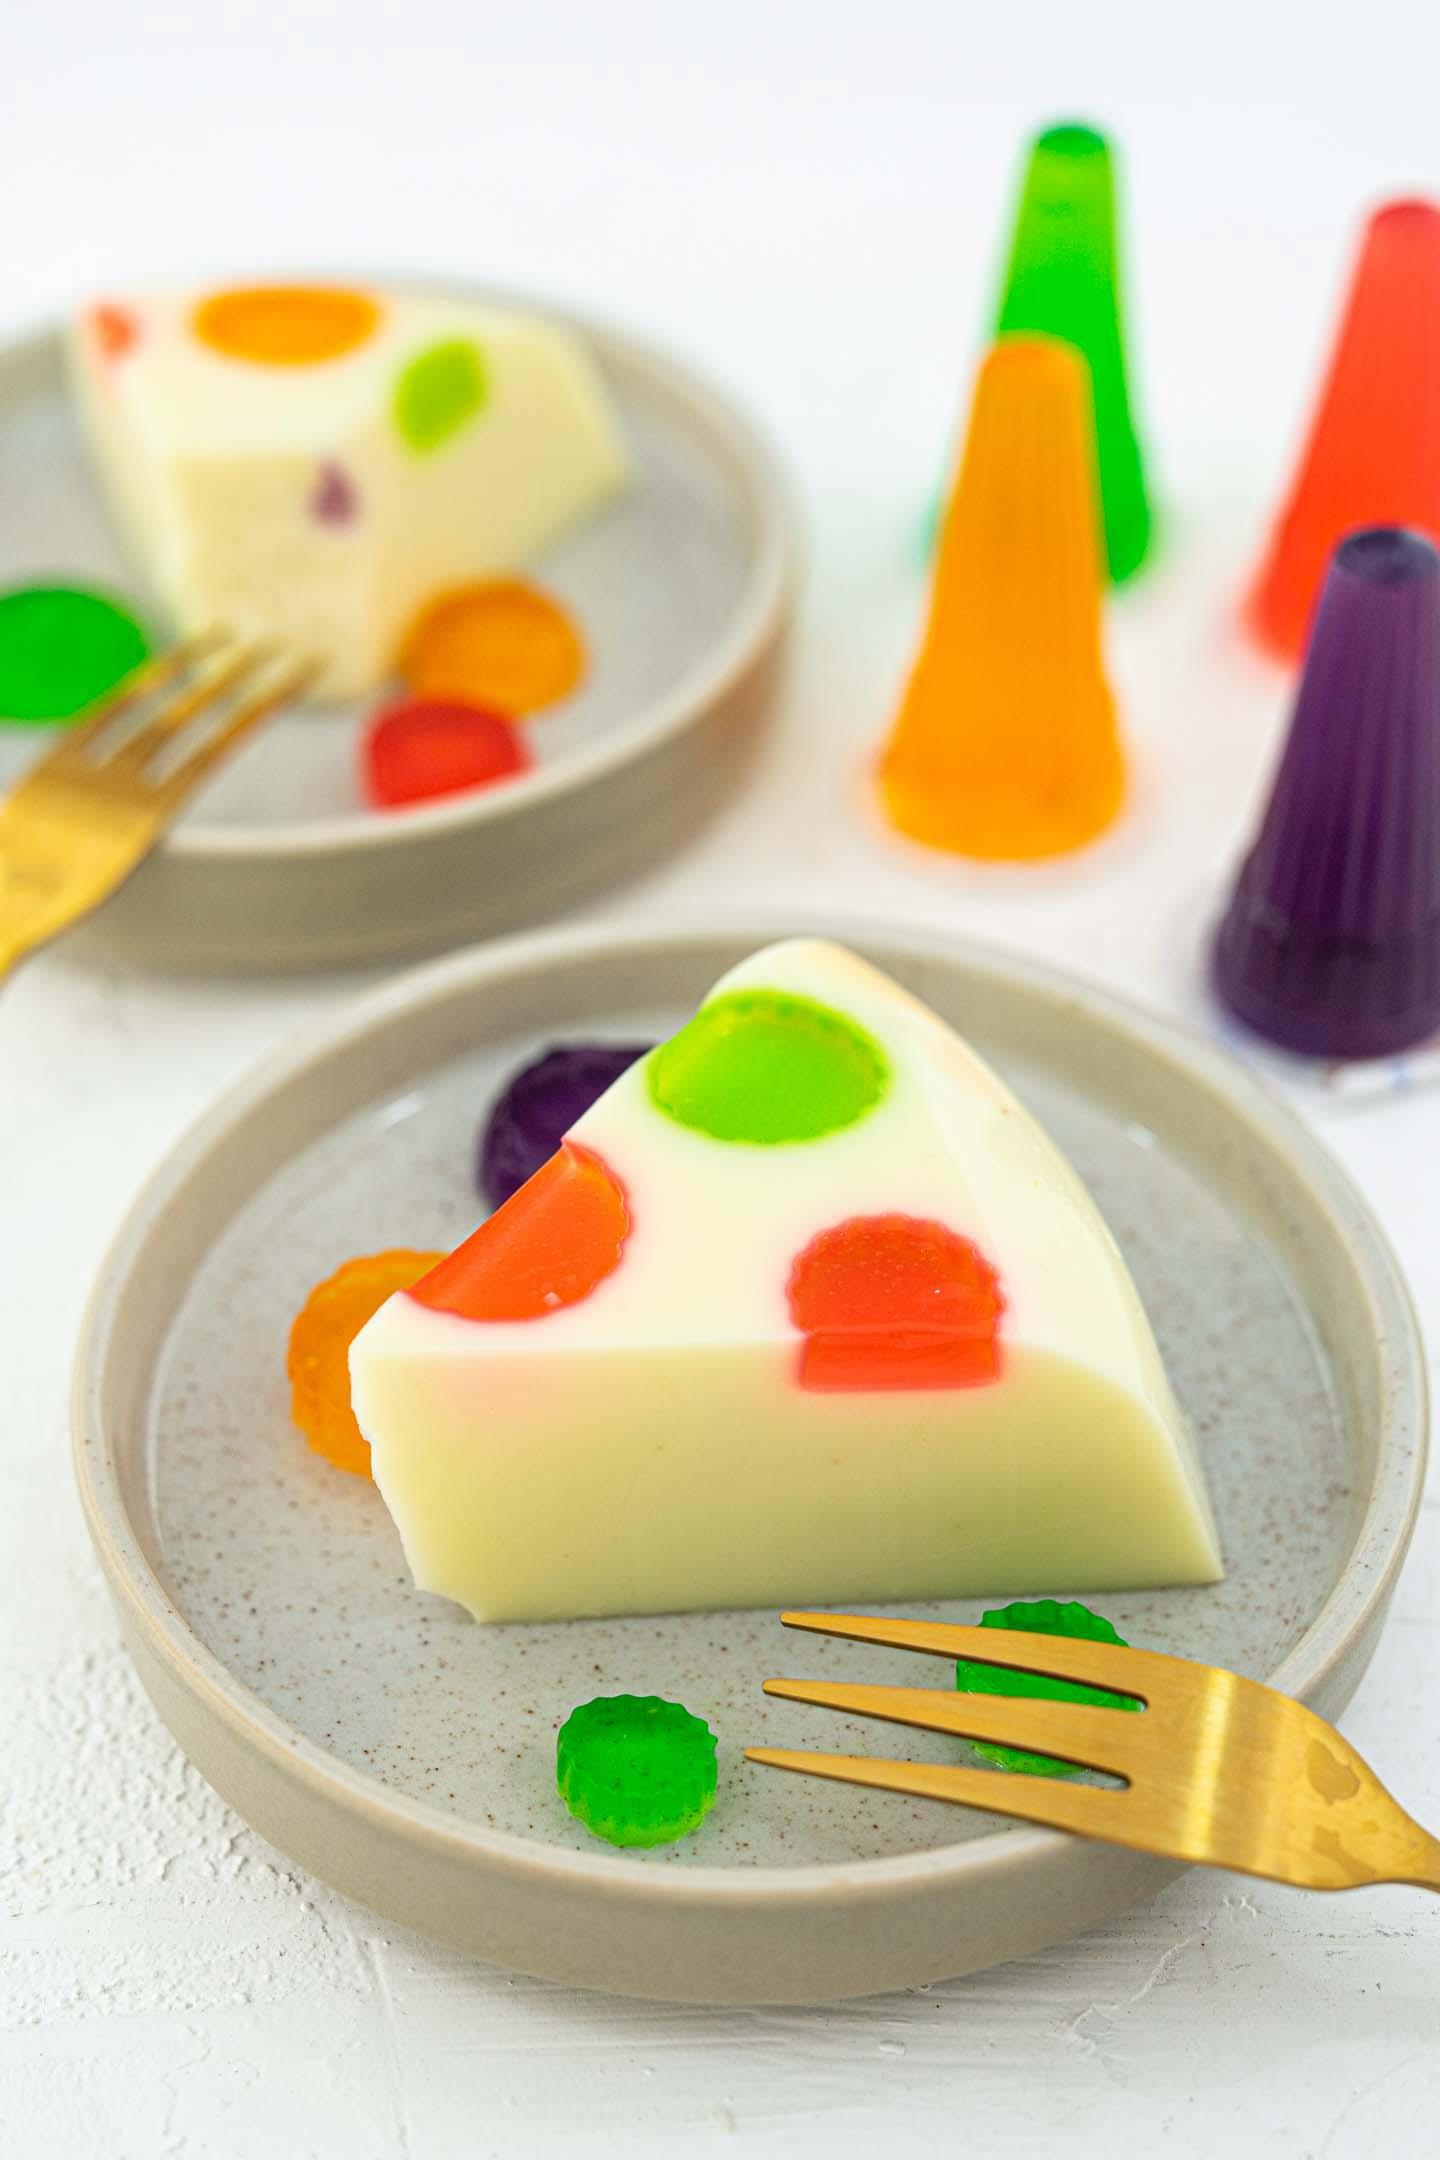 a slice of polka dot jelly zoomed in